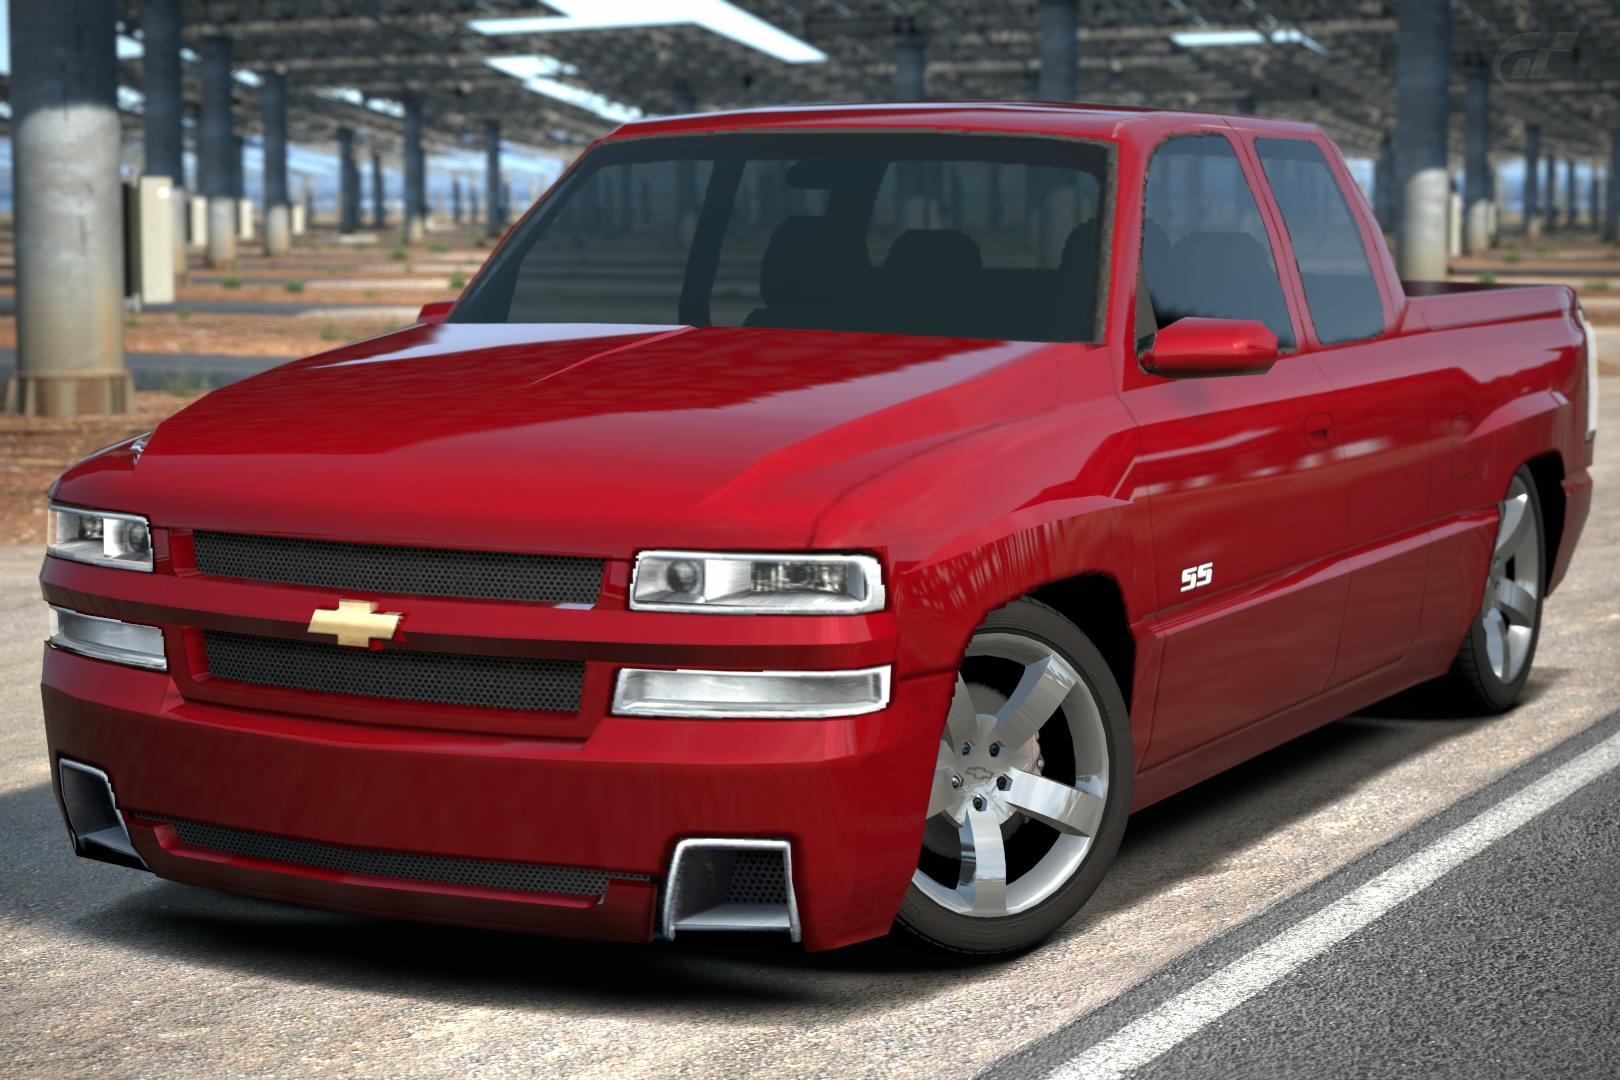 Chevrolet Silverado Sst Concept 02 Gran Turismo Wiki